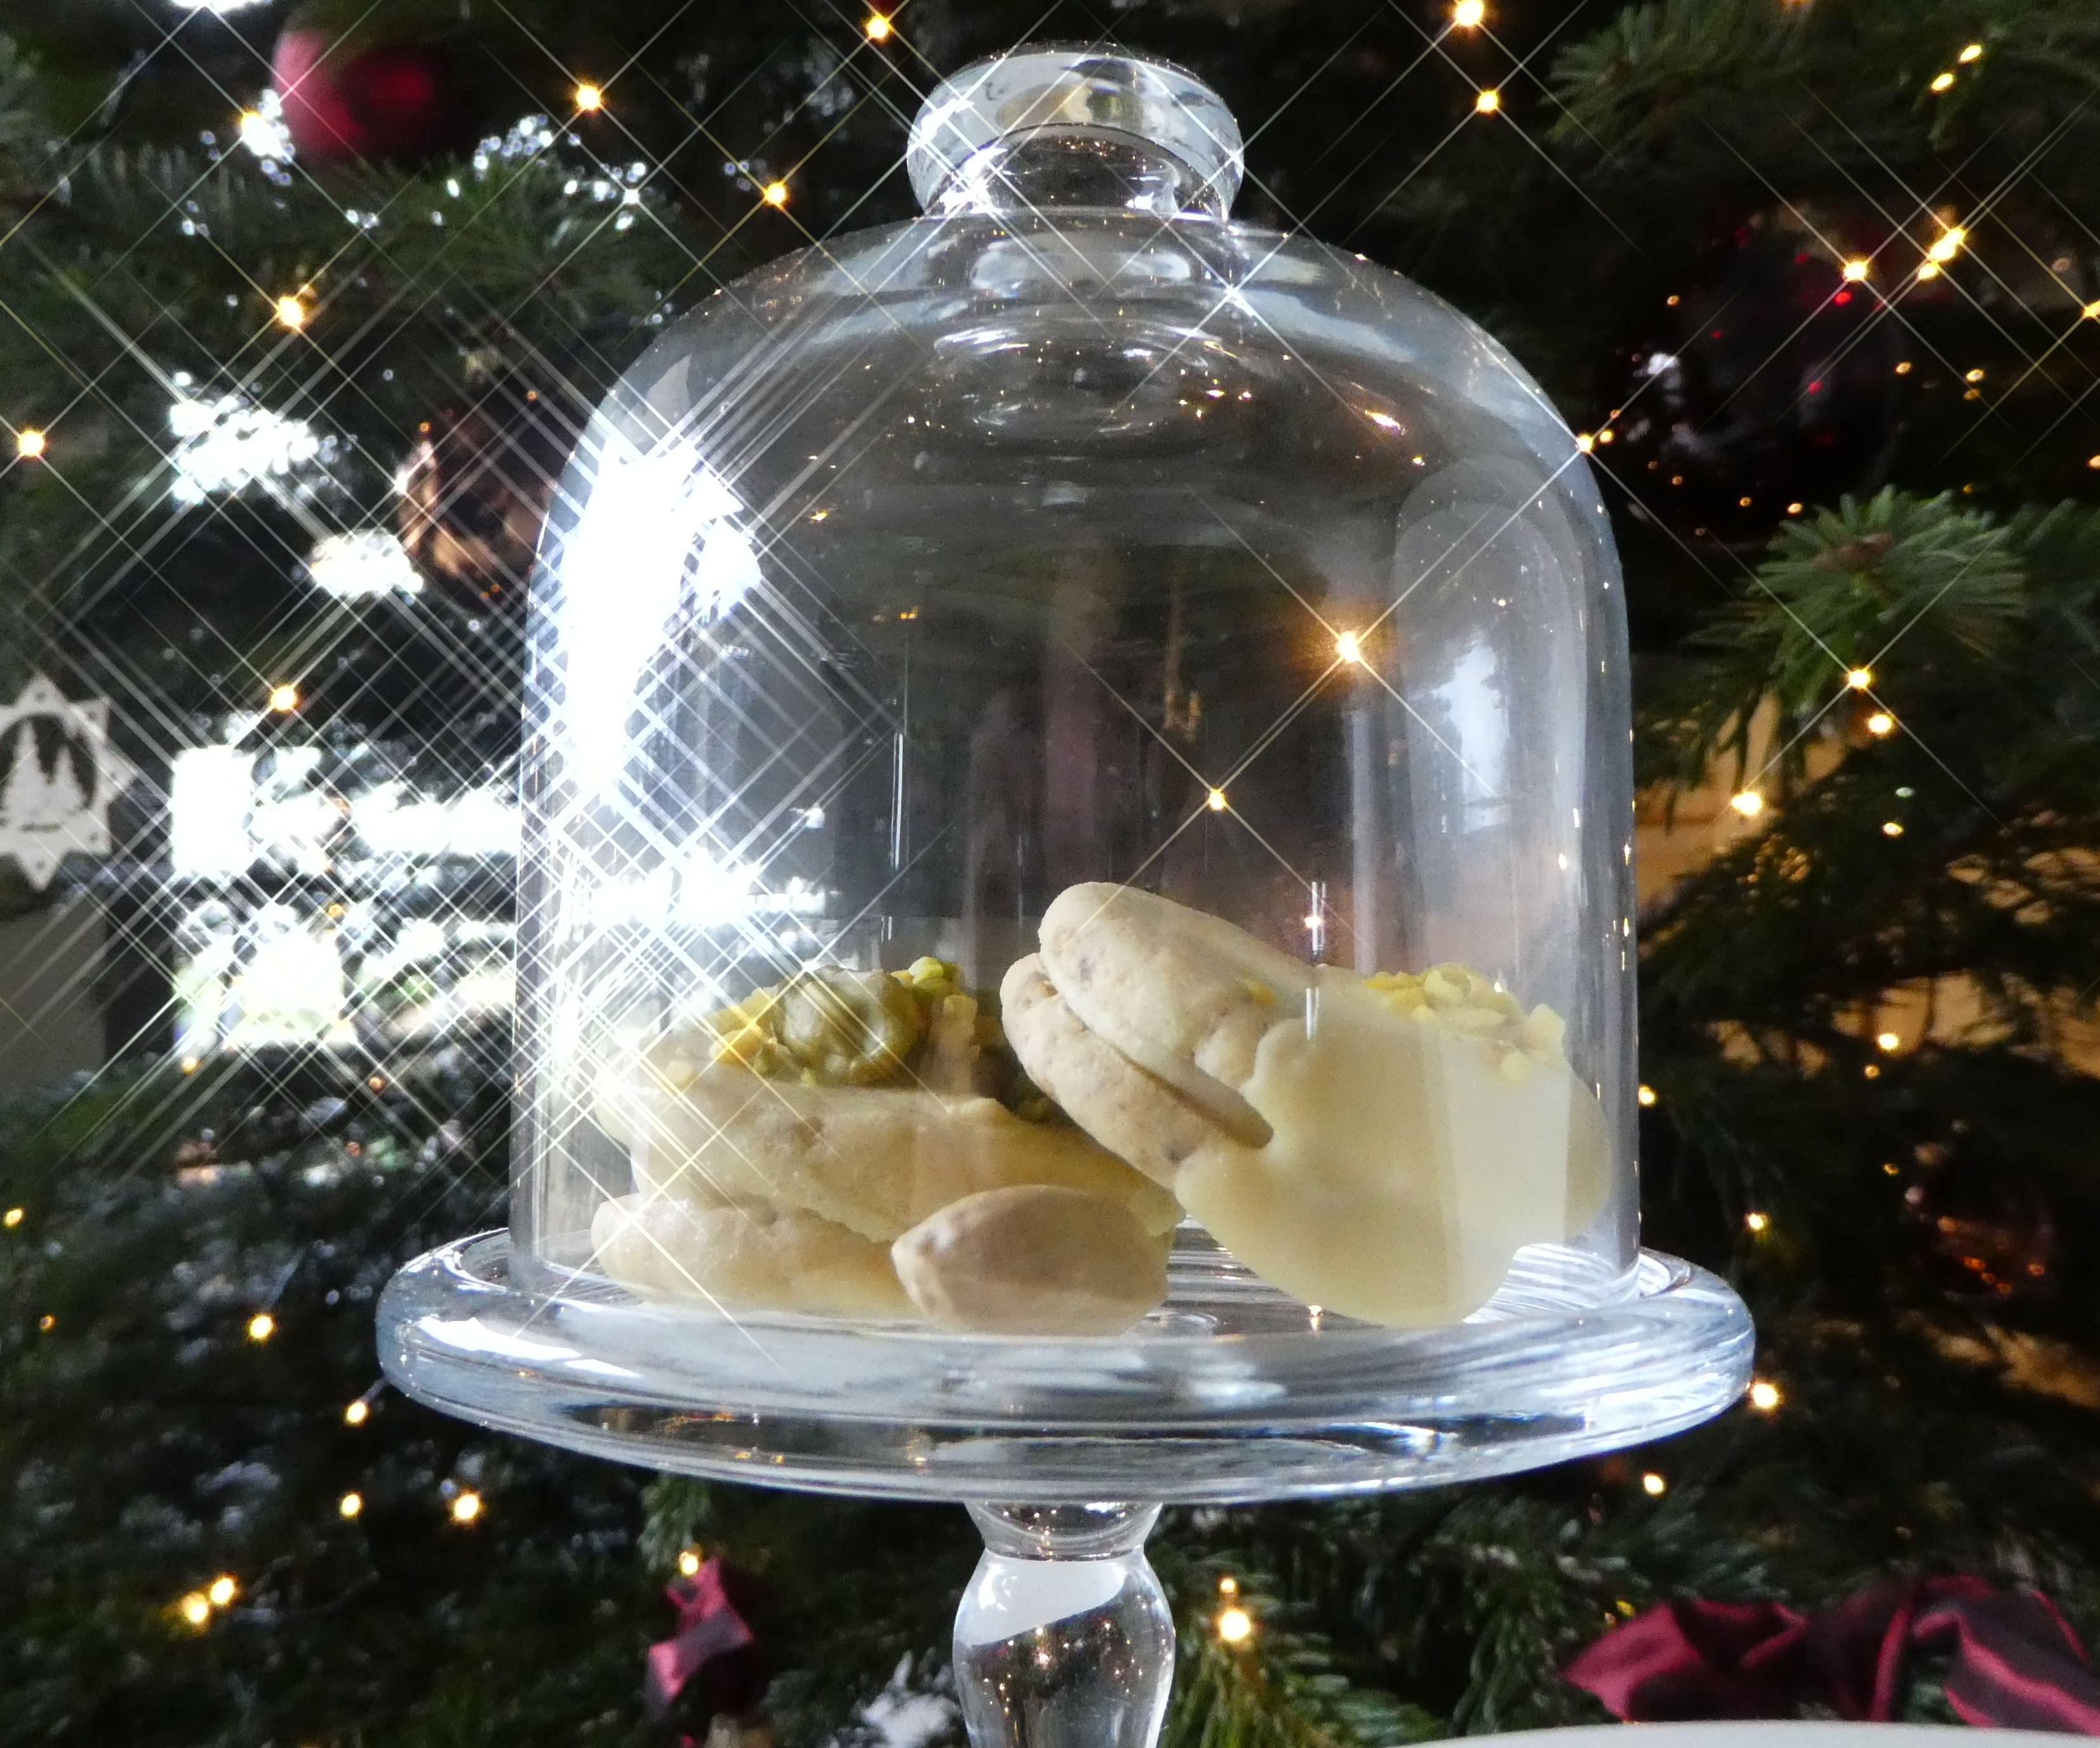 Pistachio Prosecco Cookies